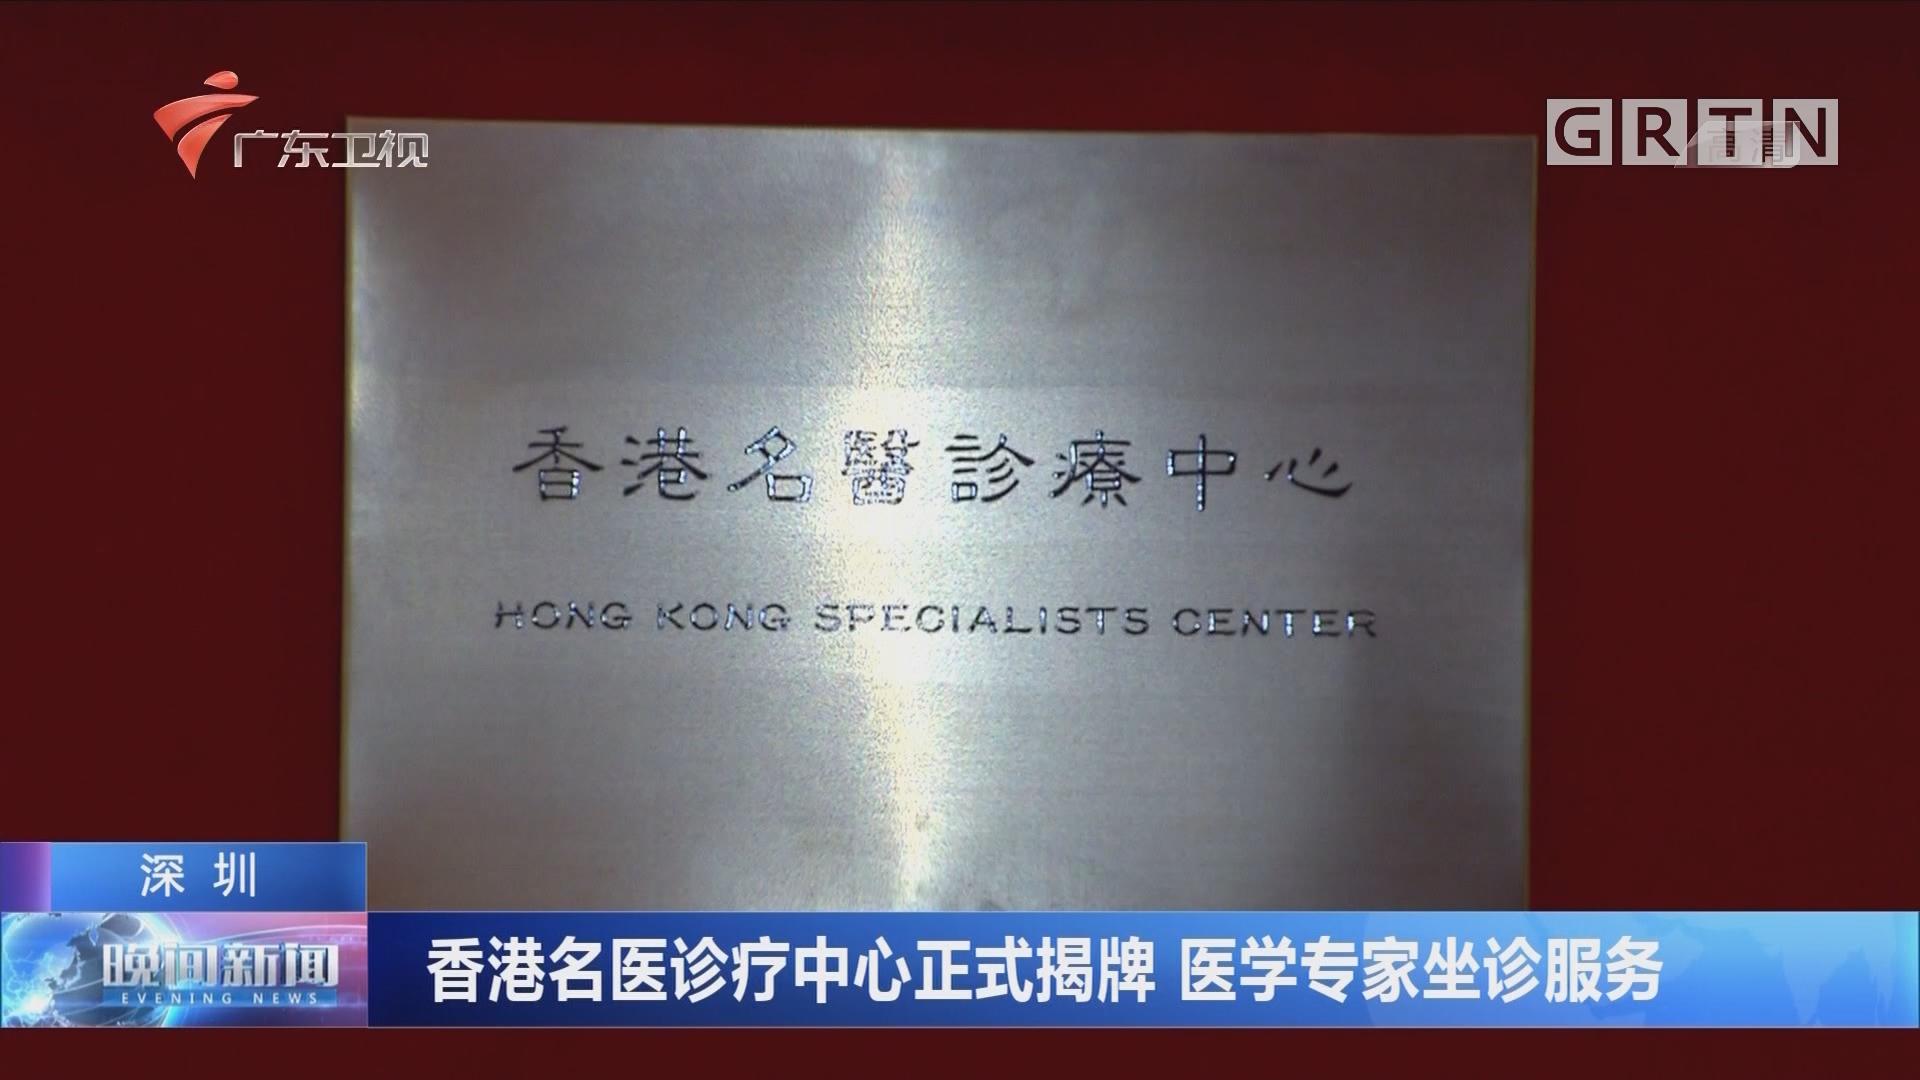 深圳:香港名医诊疗中心正式揭牌 医学专家坐诊服务